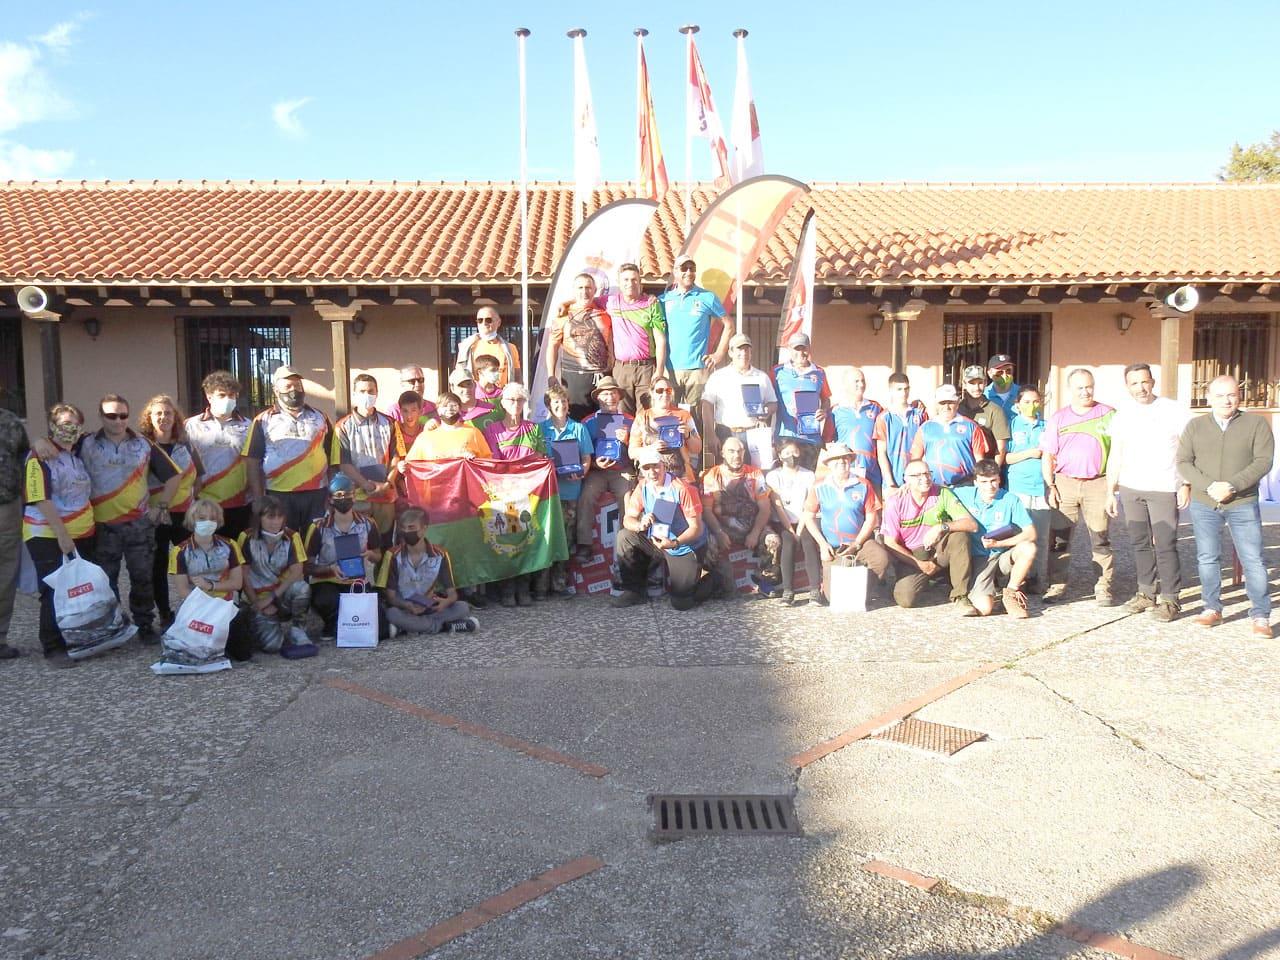 Nuestros deportistas madrileños triunfan en el Campeonato de España de Recorridos de Caza con Arco